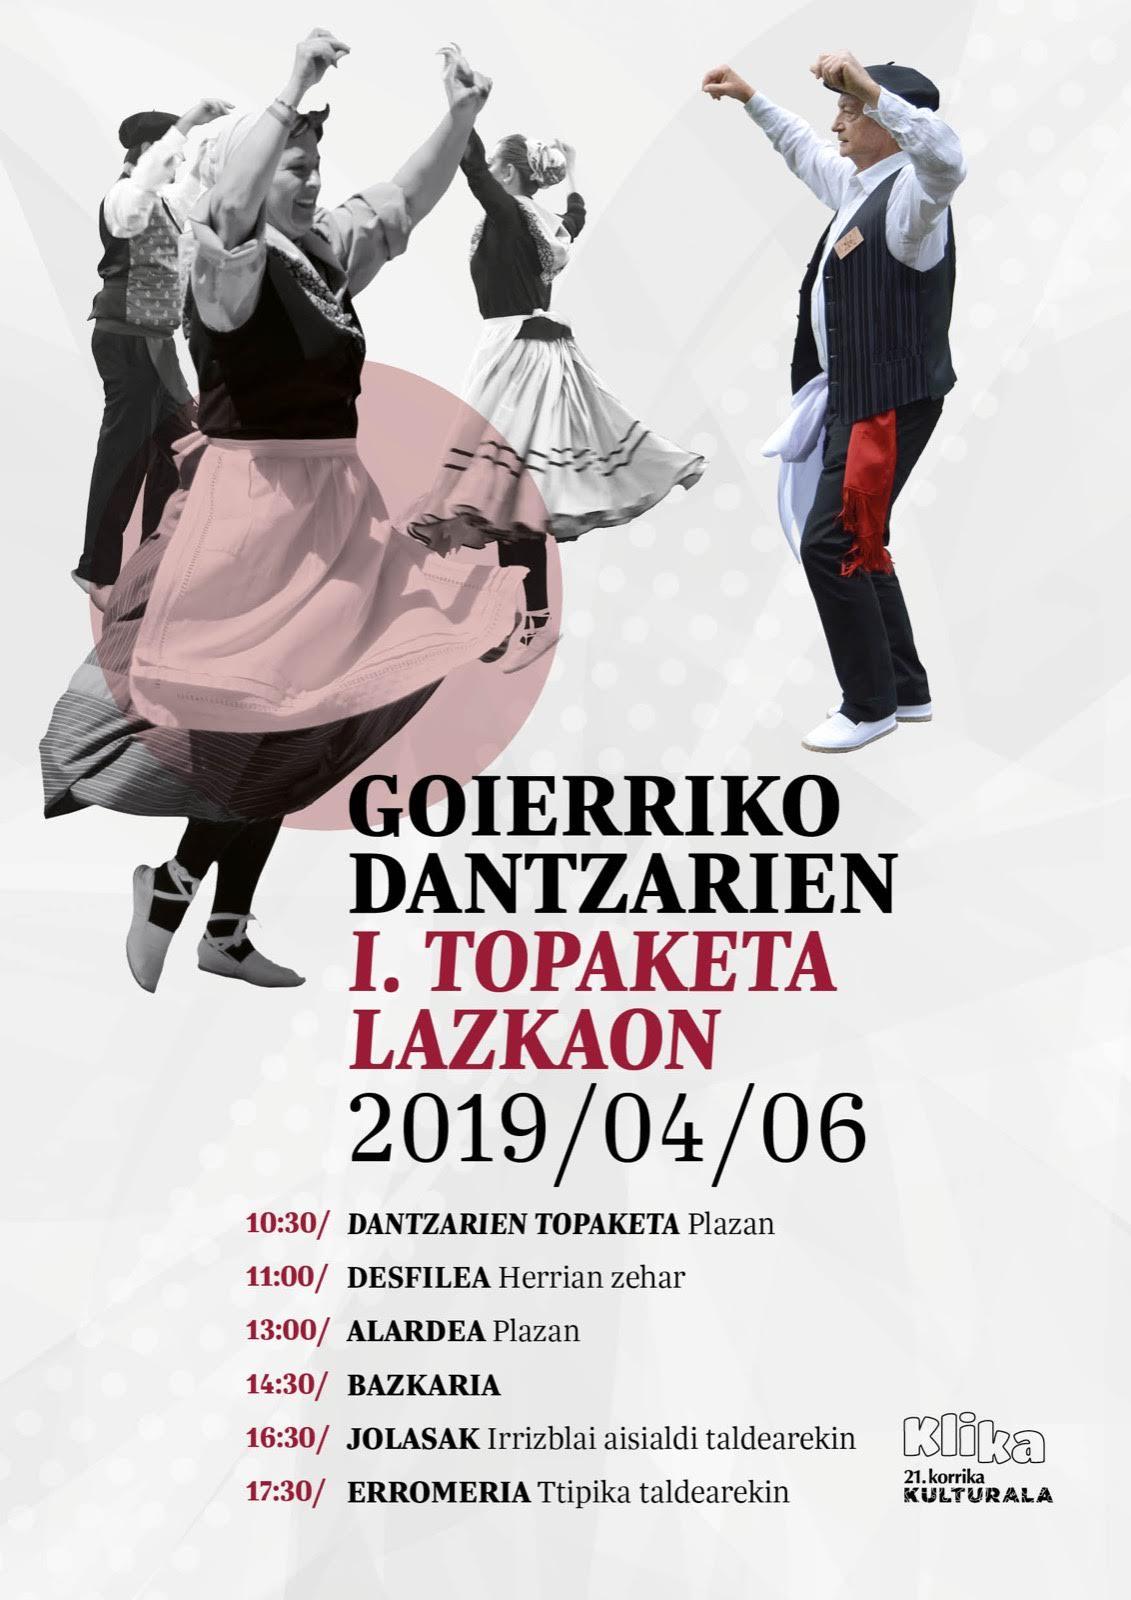 Goierriko dantzarien I. Topaketa